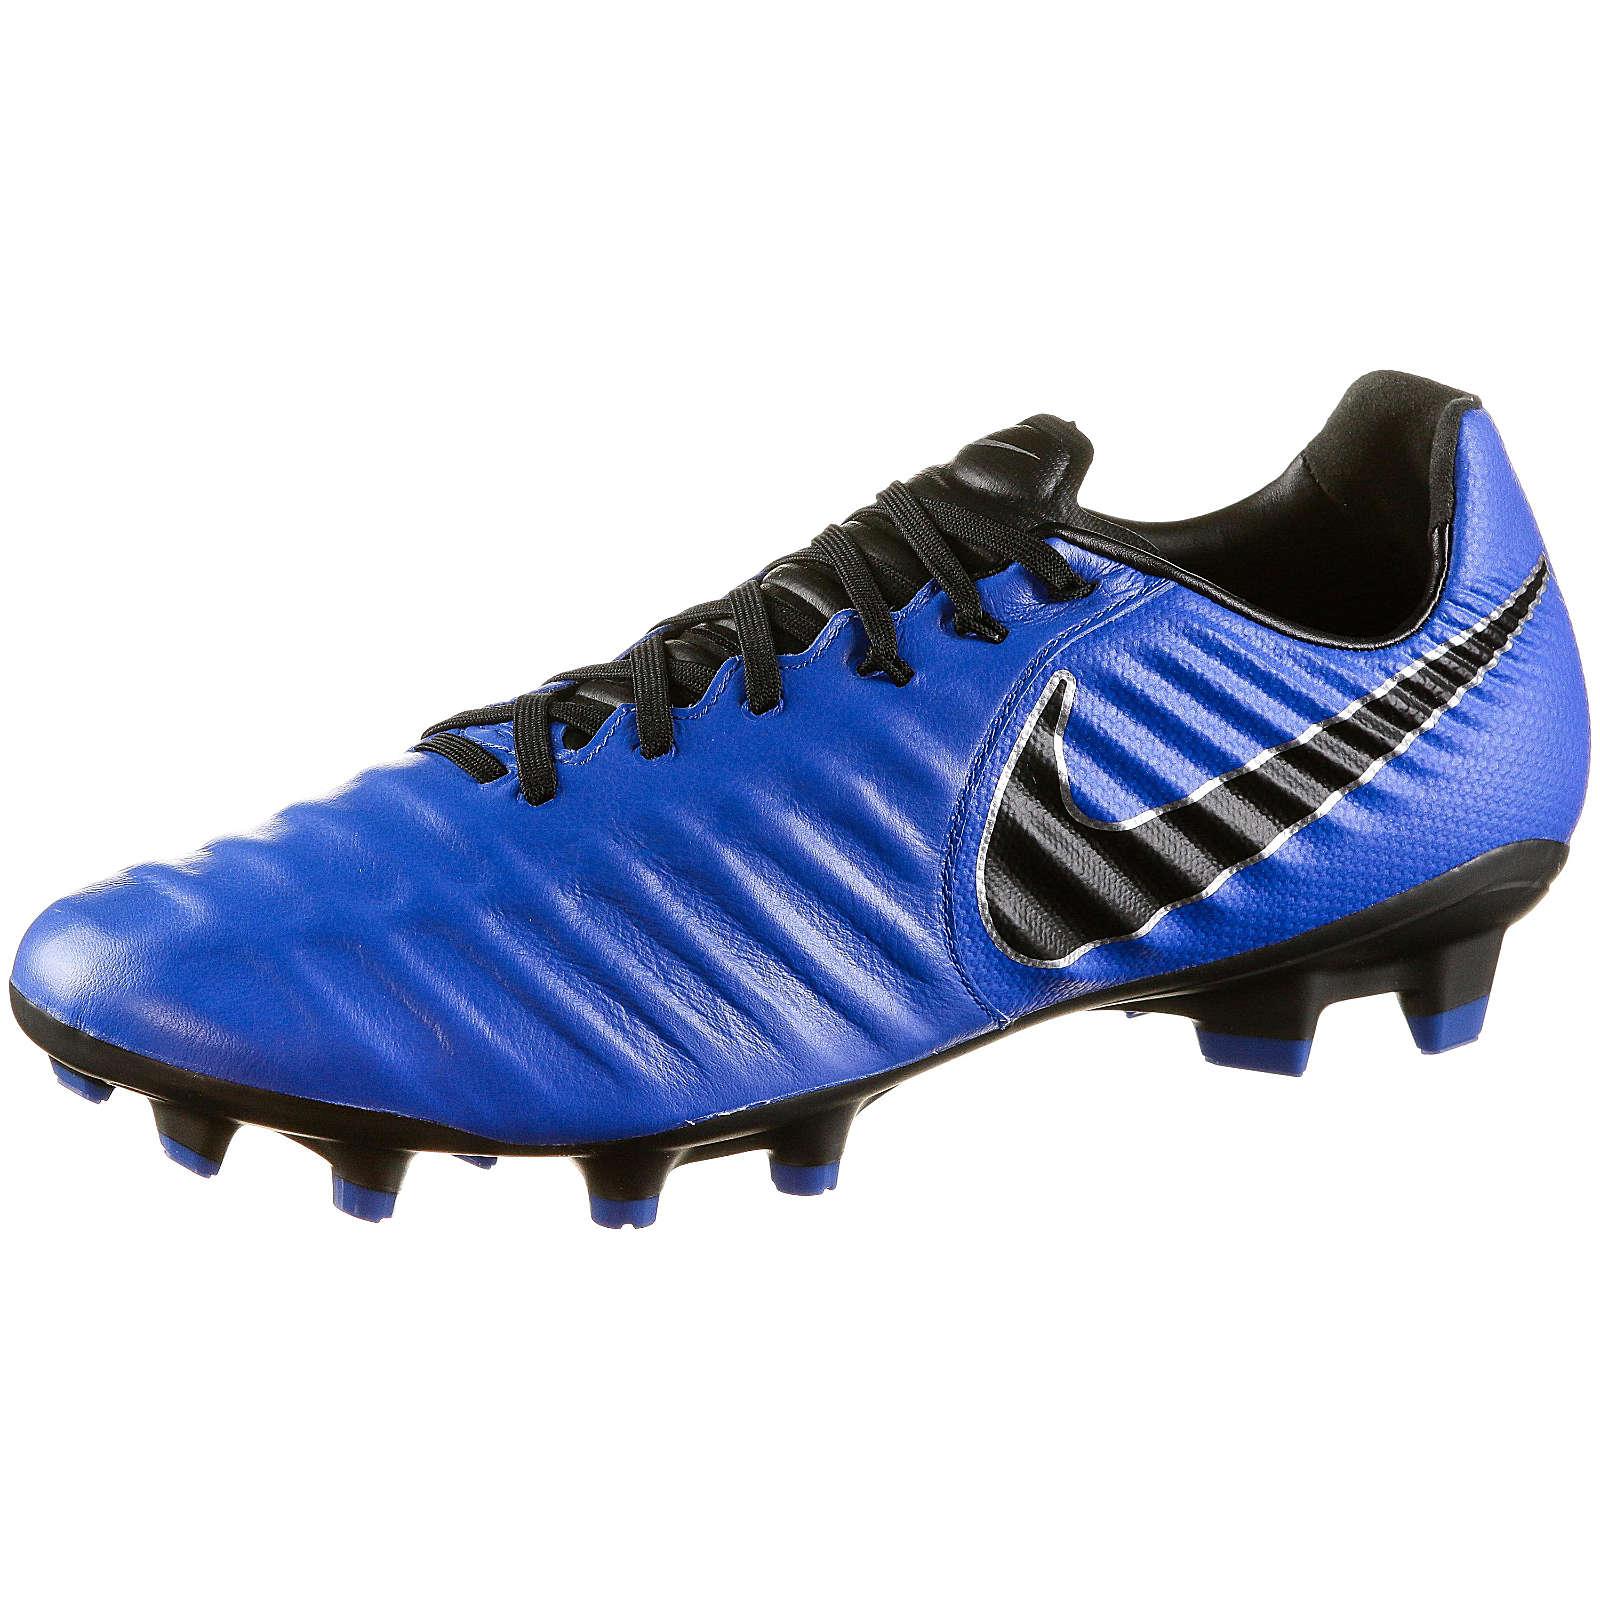 Nike Performance Fußballschuhe TIEMPO LEGEND 7 PRO FG Fußballschuhe blau Damen Gr. 39